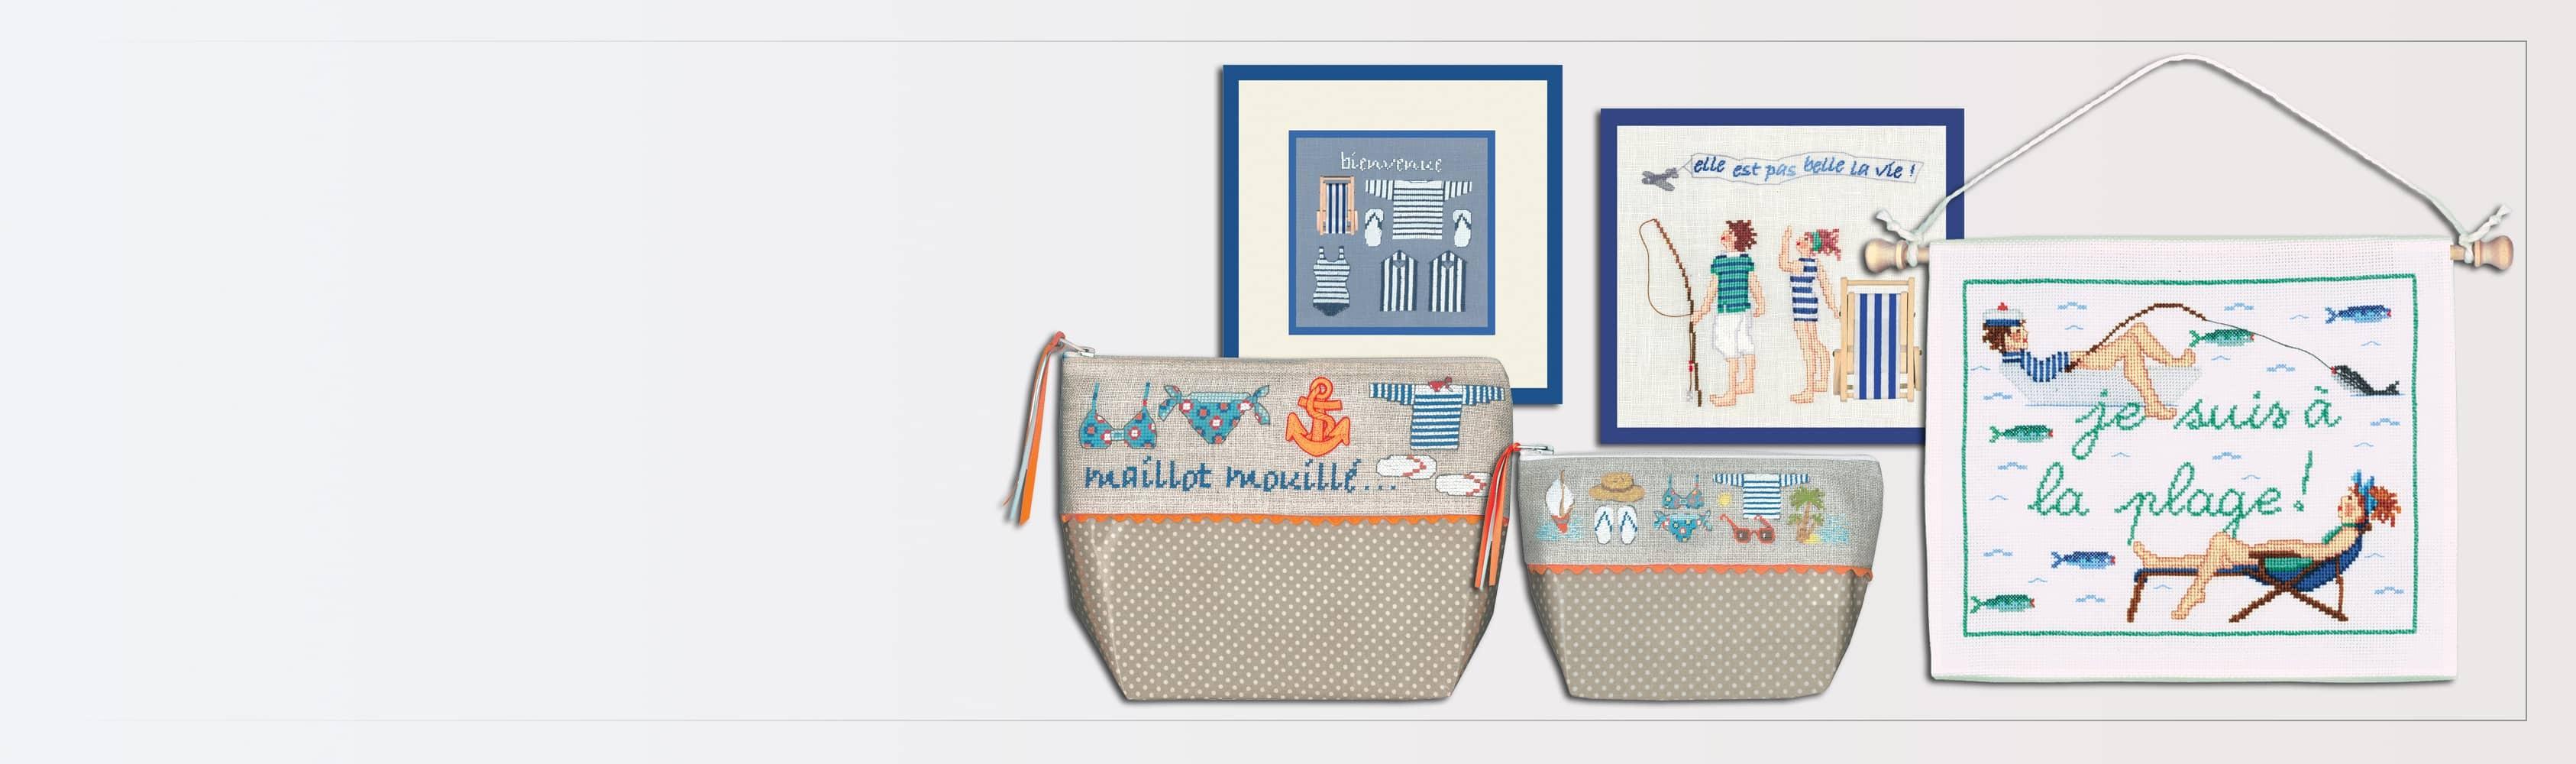 Tableaux et accessoires à broder au point compté. Thème: Bord de mer, plage. Création de Cécile Vessière pour Le Bonheur des Dames.